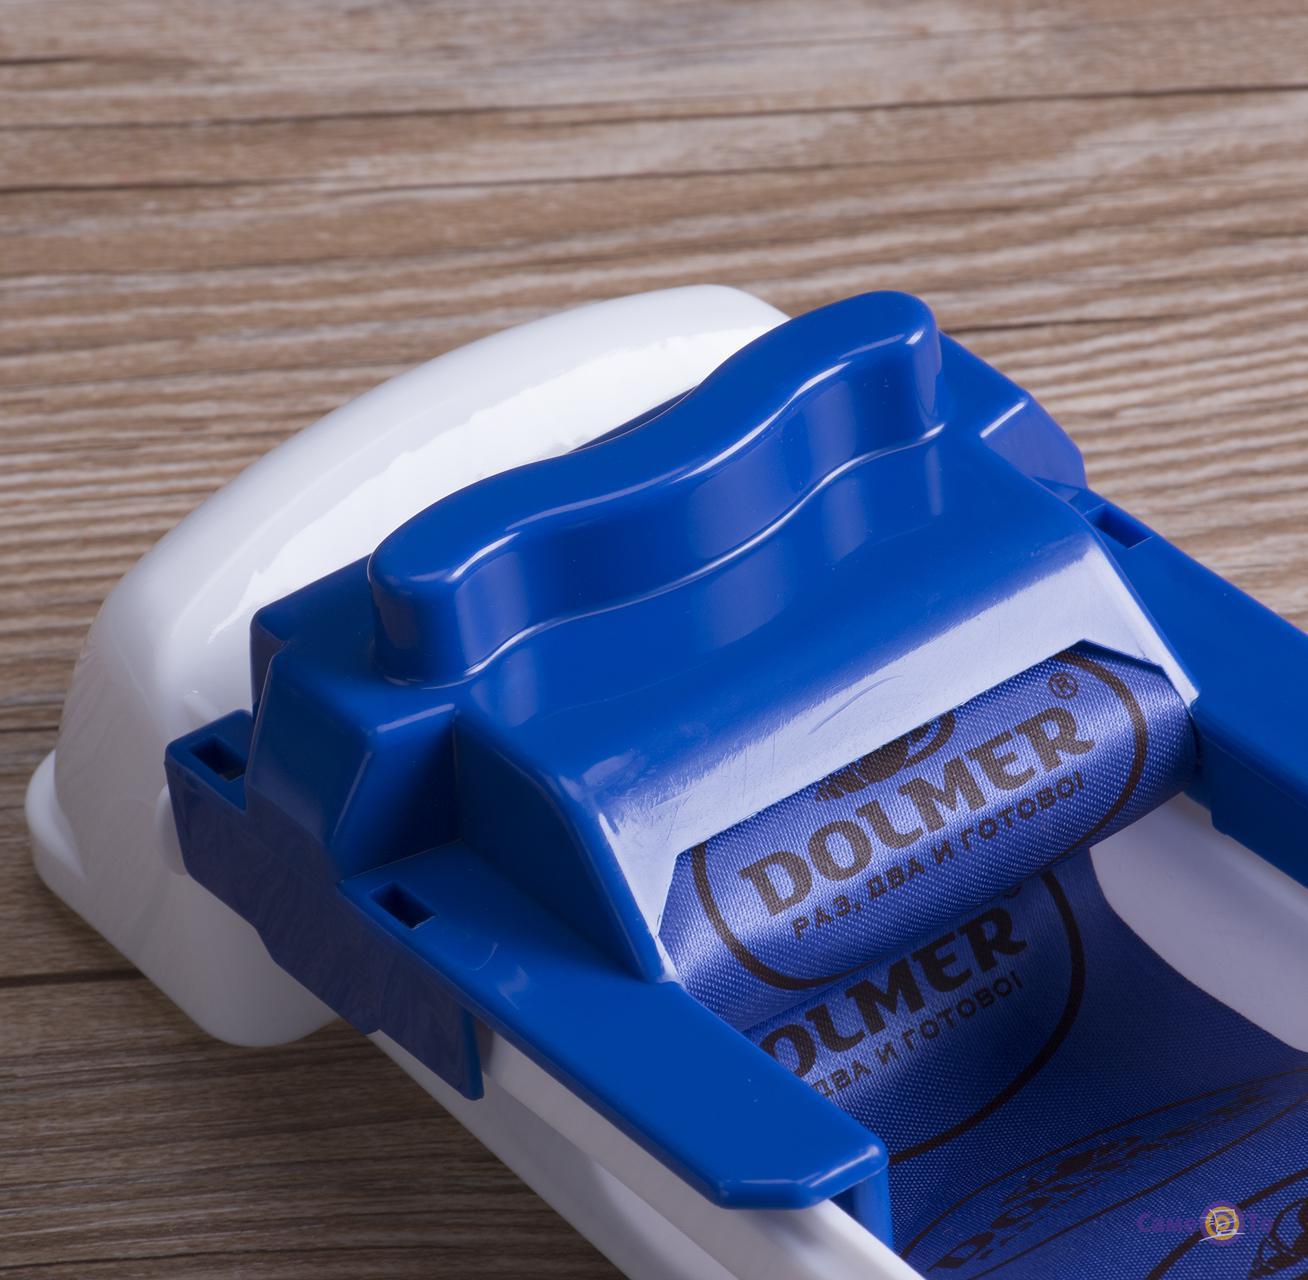 Долмер Dolmer - устройство для приготовления долмы и голубцов